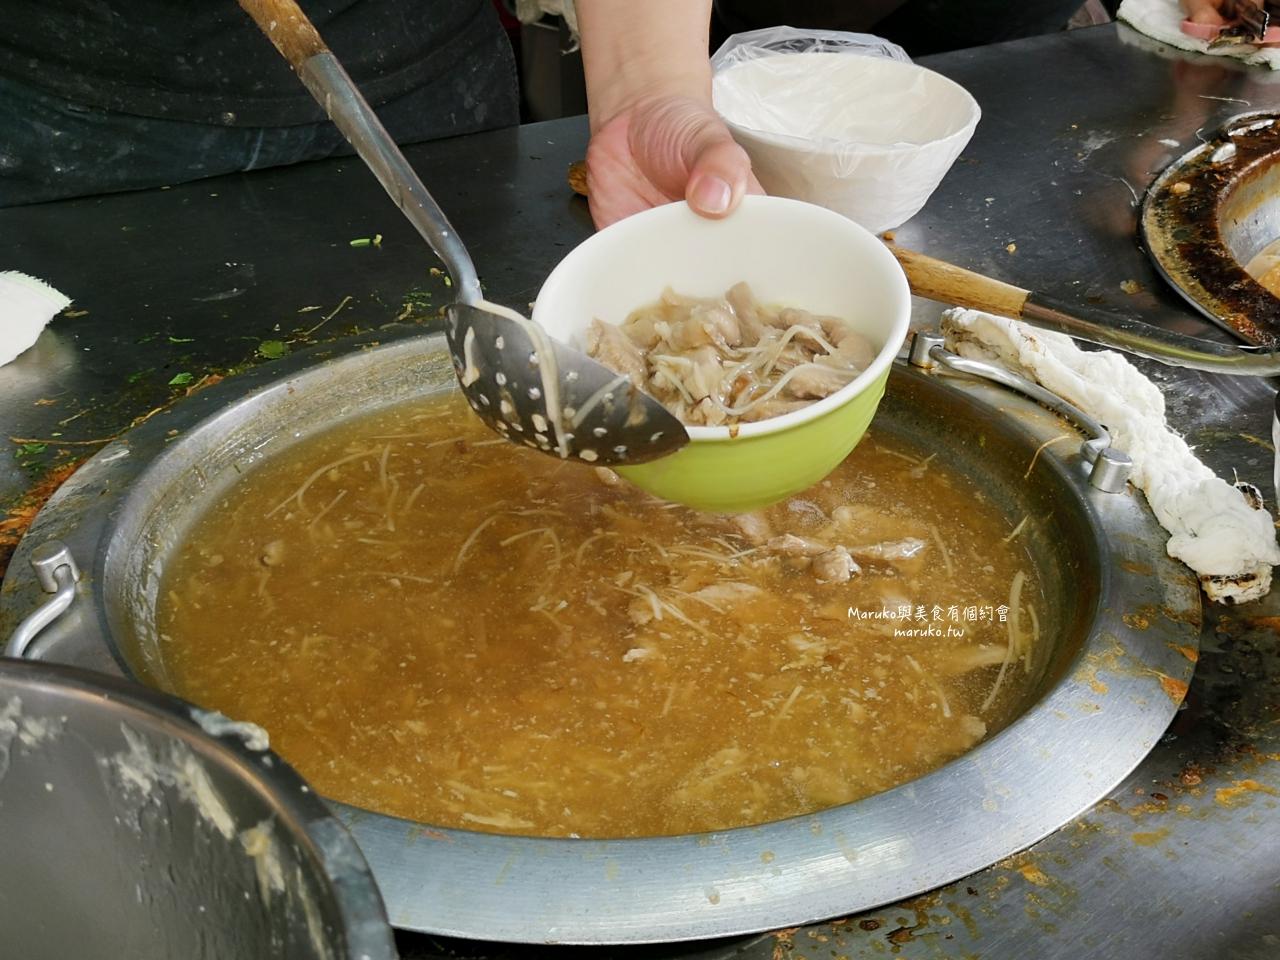 【台北】東門赤肉羹/市場內40年老店滿滿赤肉羹湯老饕這樣點/捷運東門站中式小吃 @Maruko與美食有個約會